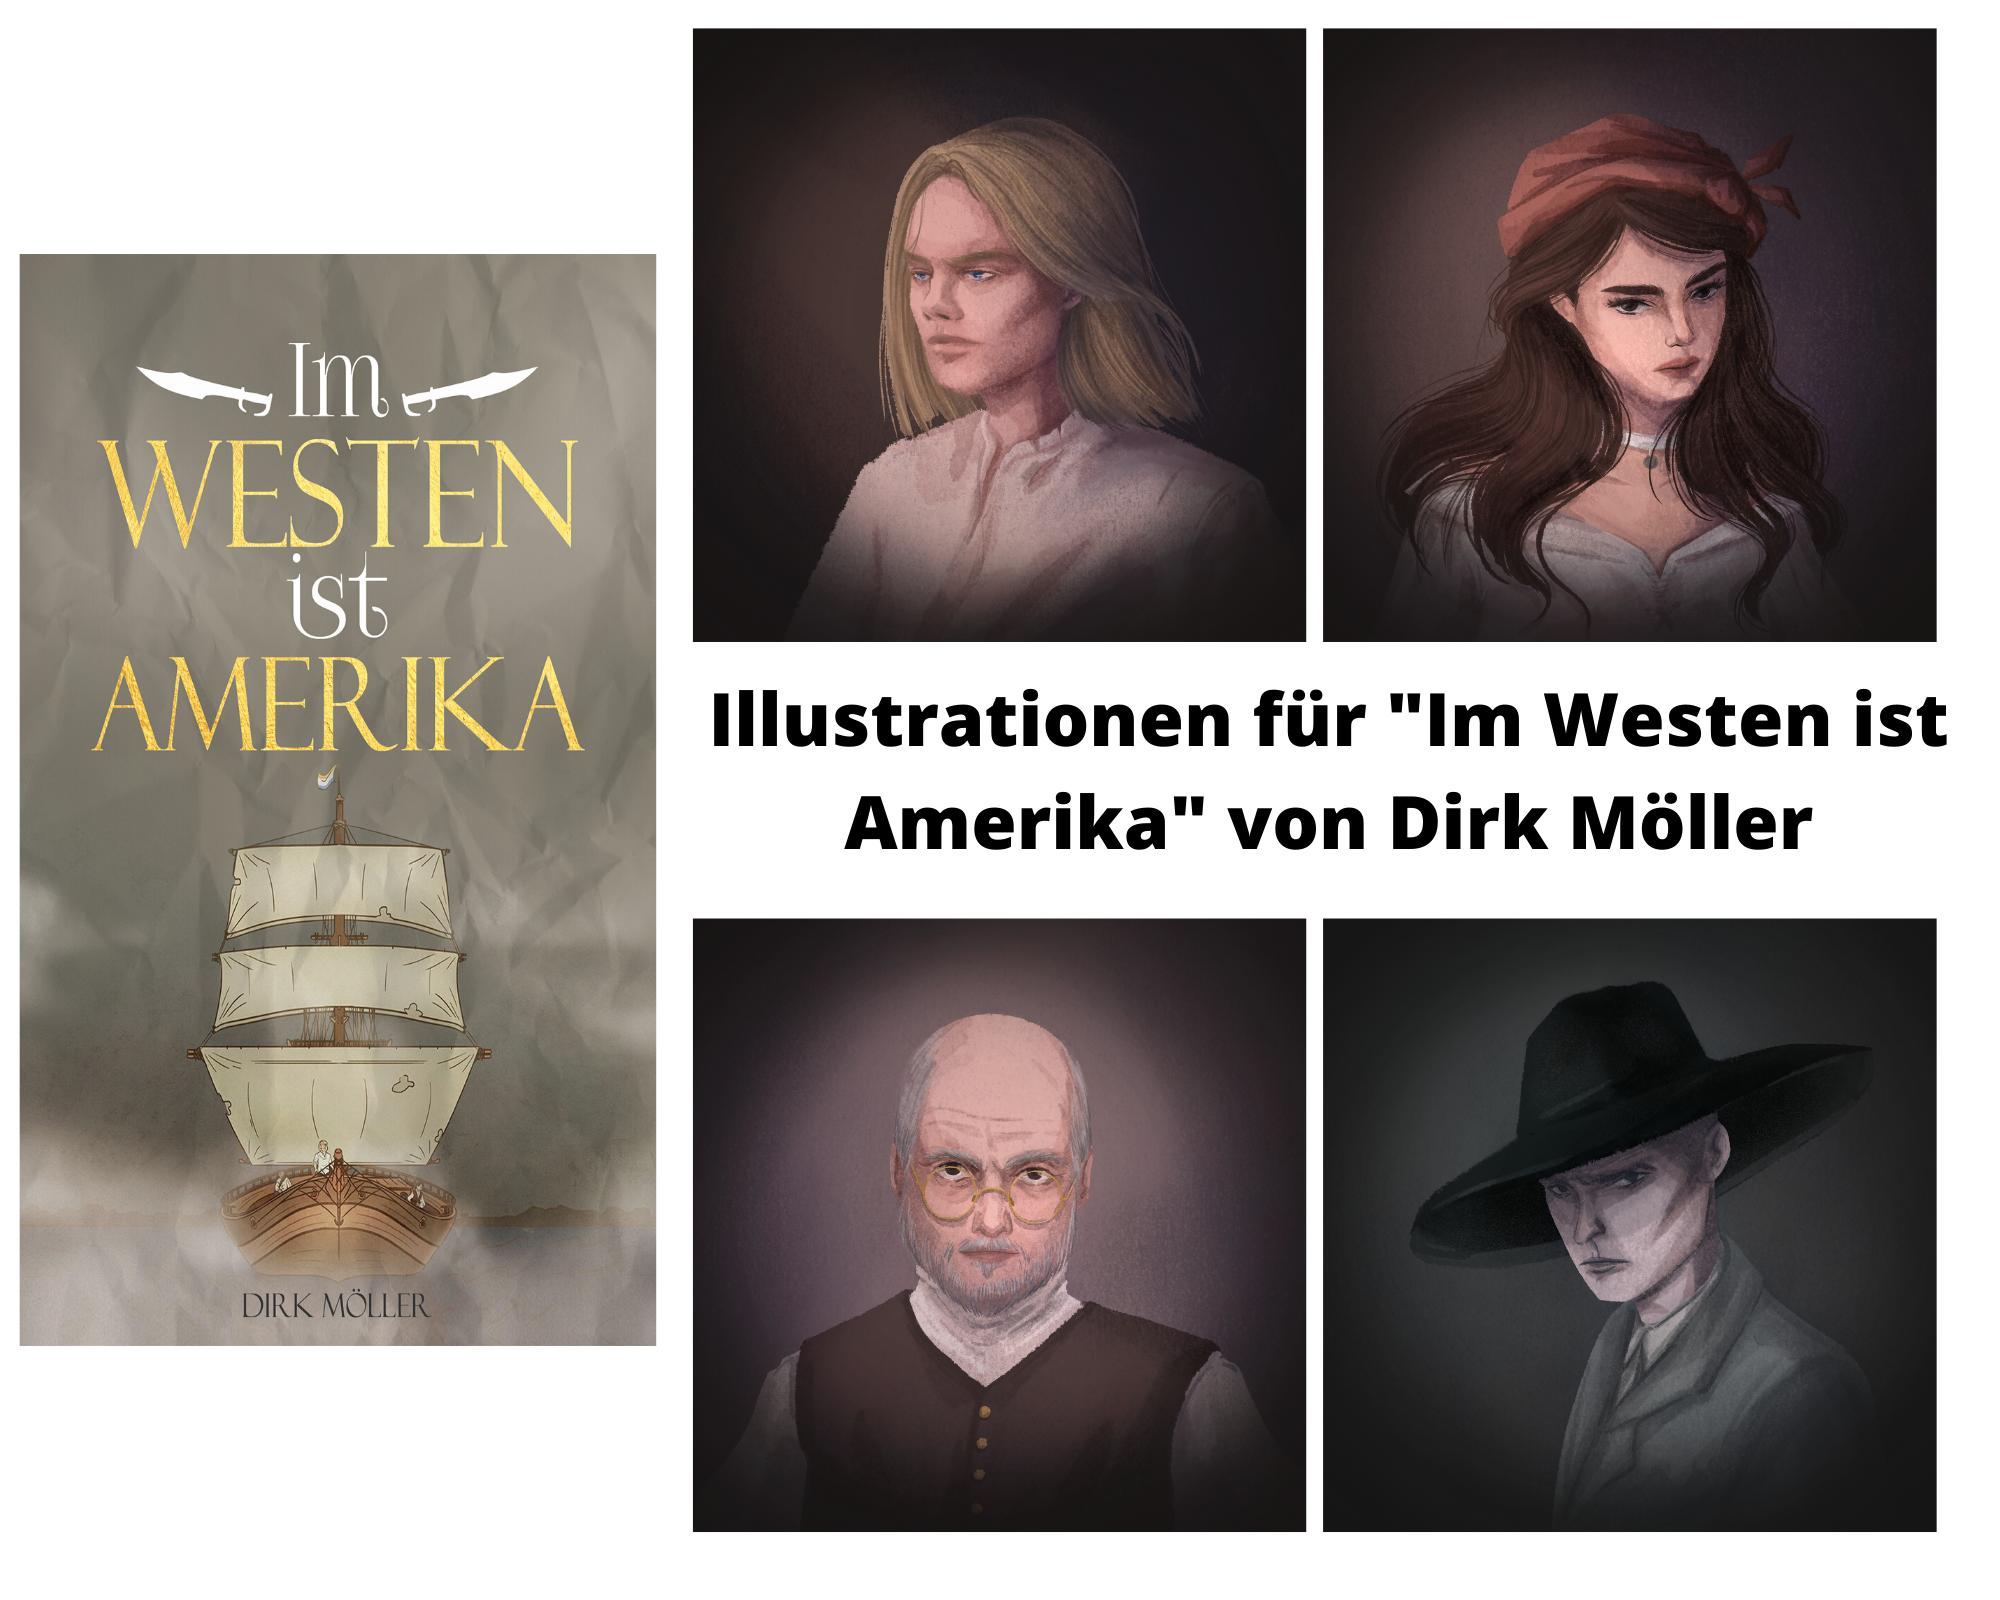 Im Westen ist Amerika - Dirk Möller